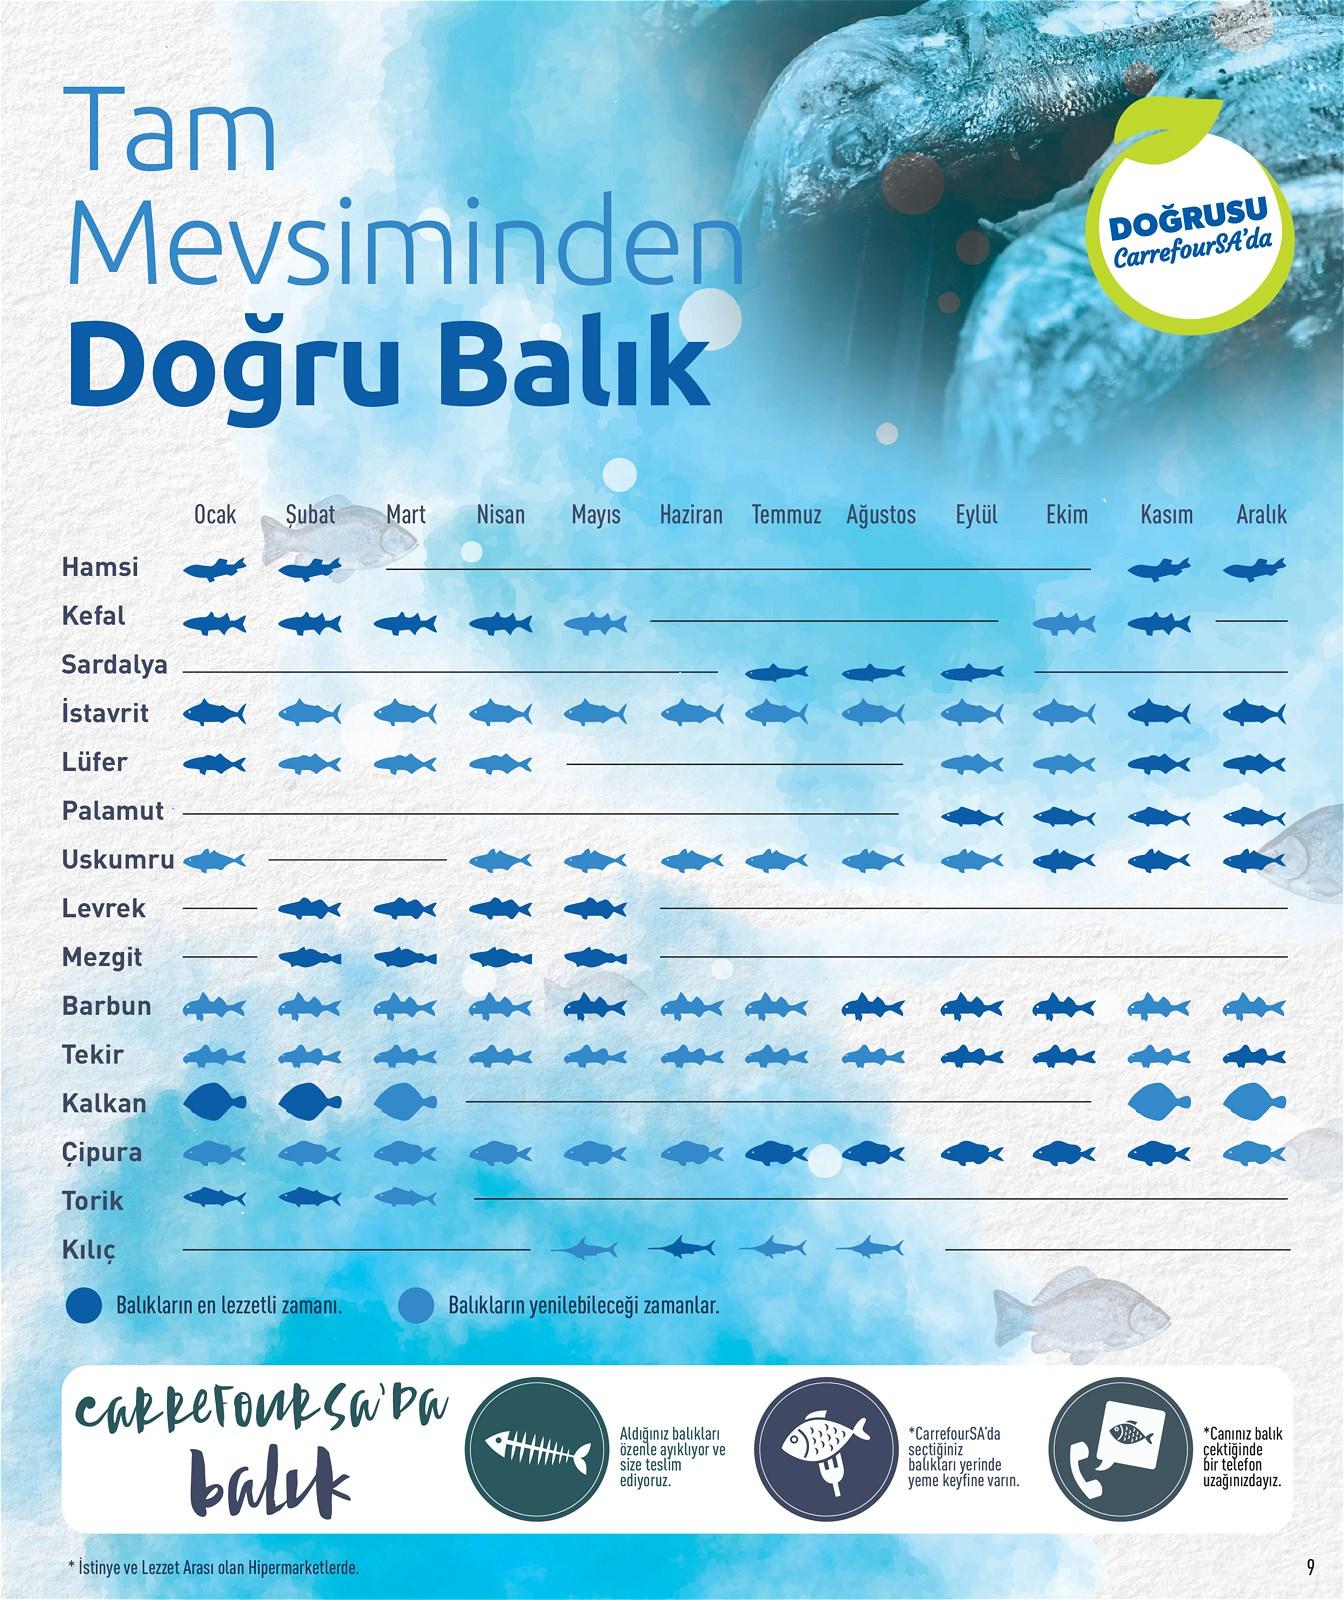 07.10.2021 CarrefourSA broşürü 9. sayfa